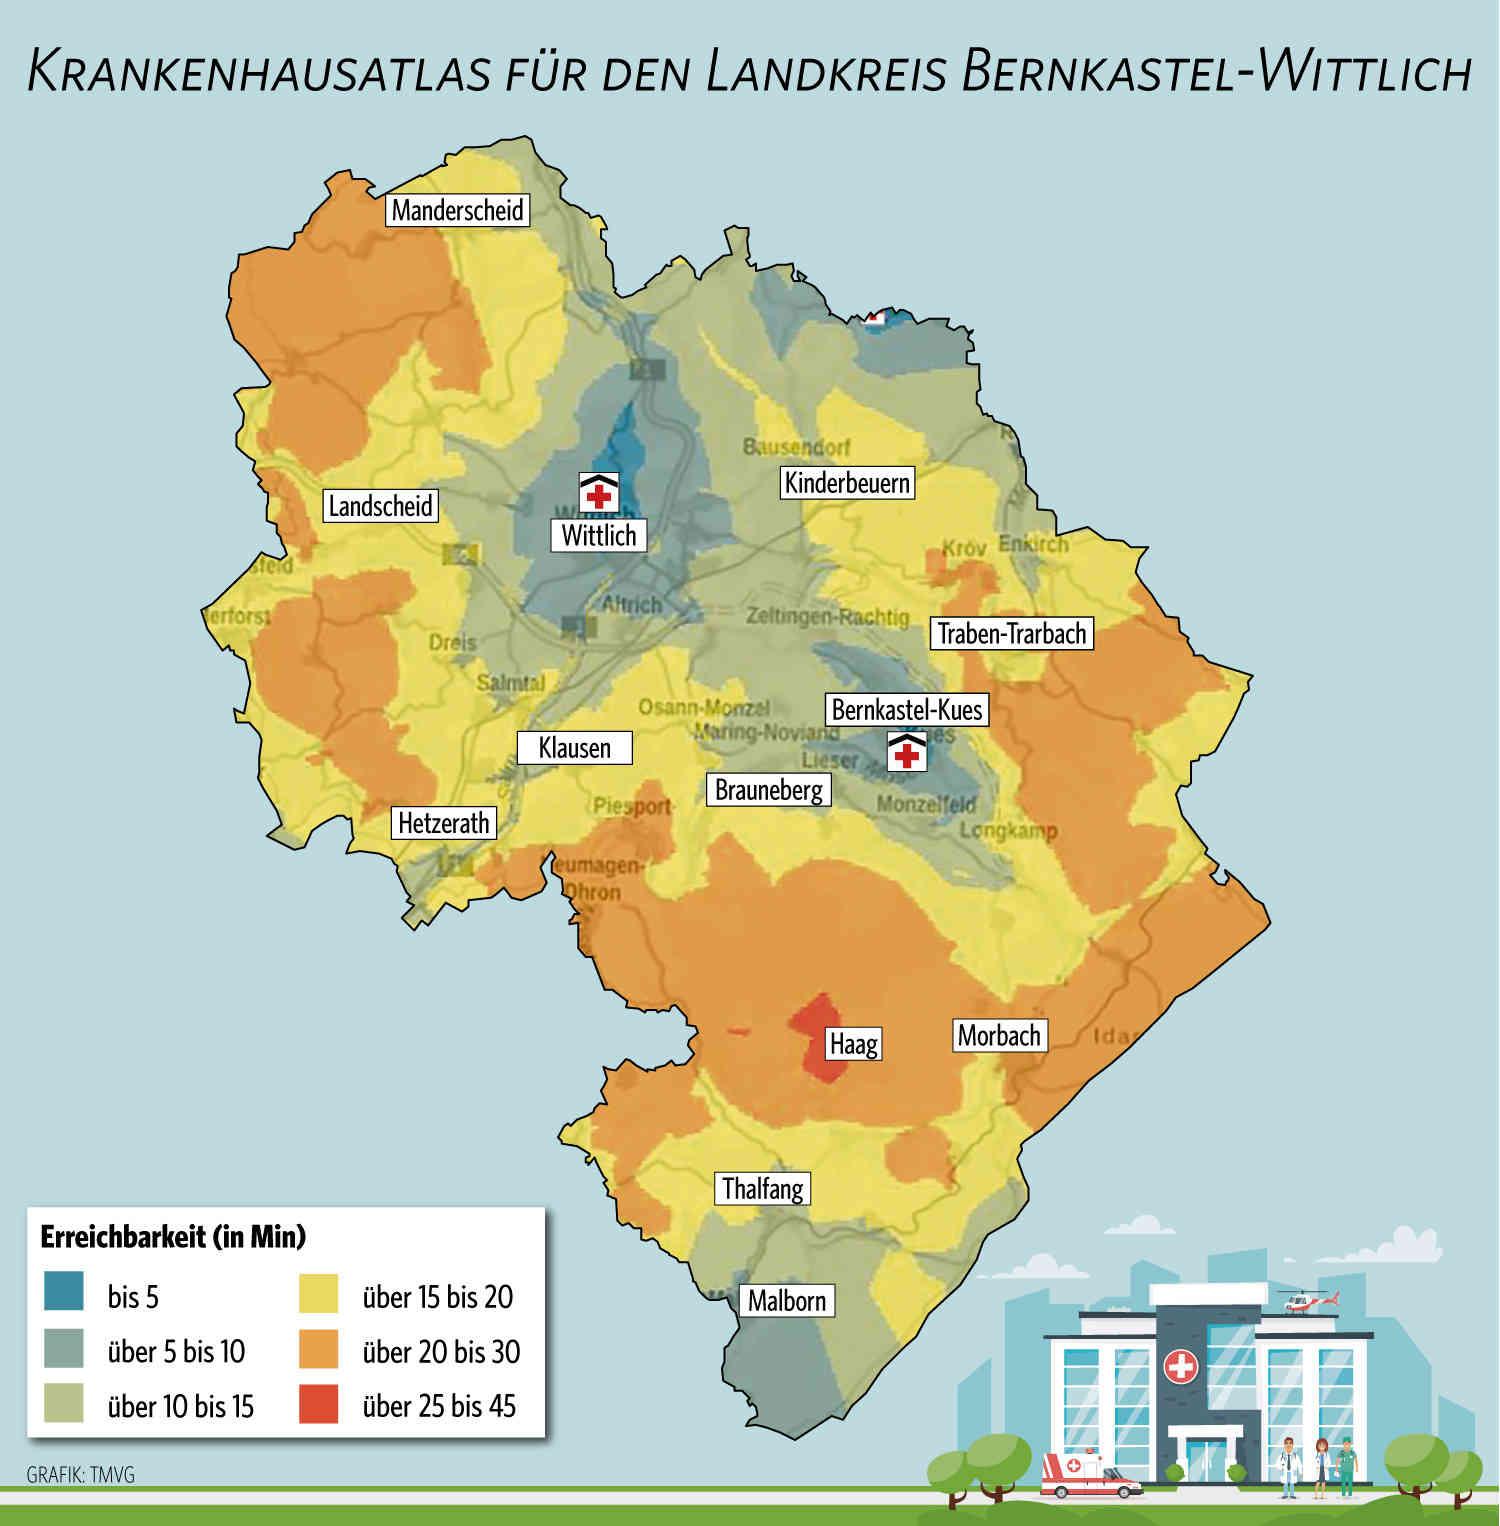 Krankenhausatlas_Landkreis_Bernkastel-Wittlich_1500x1526